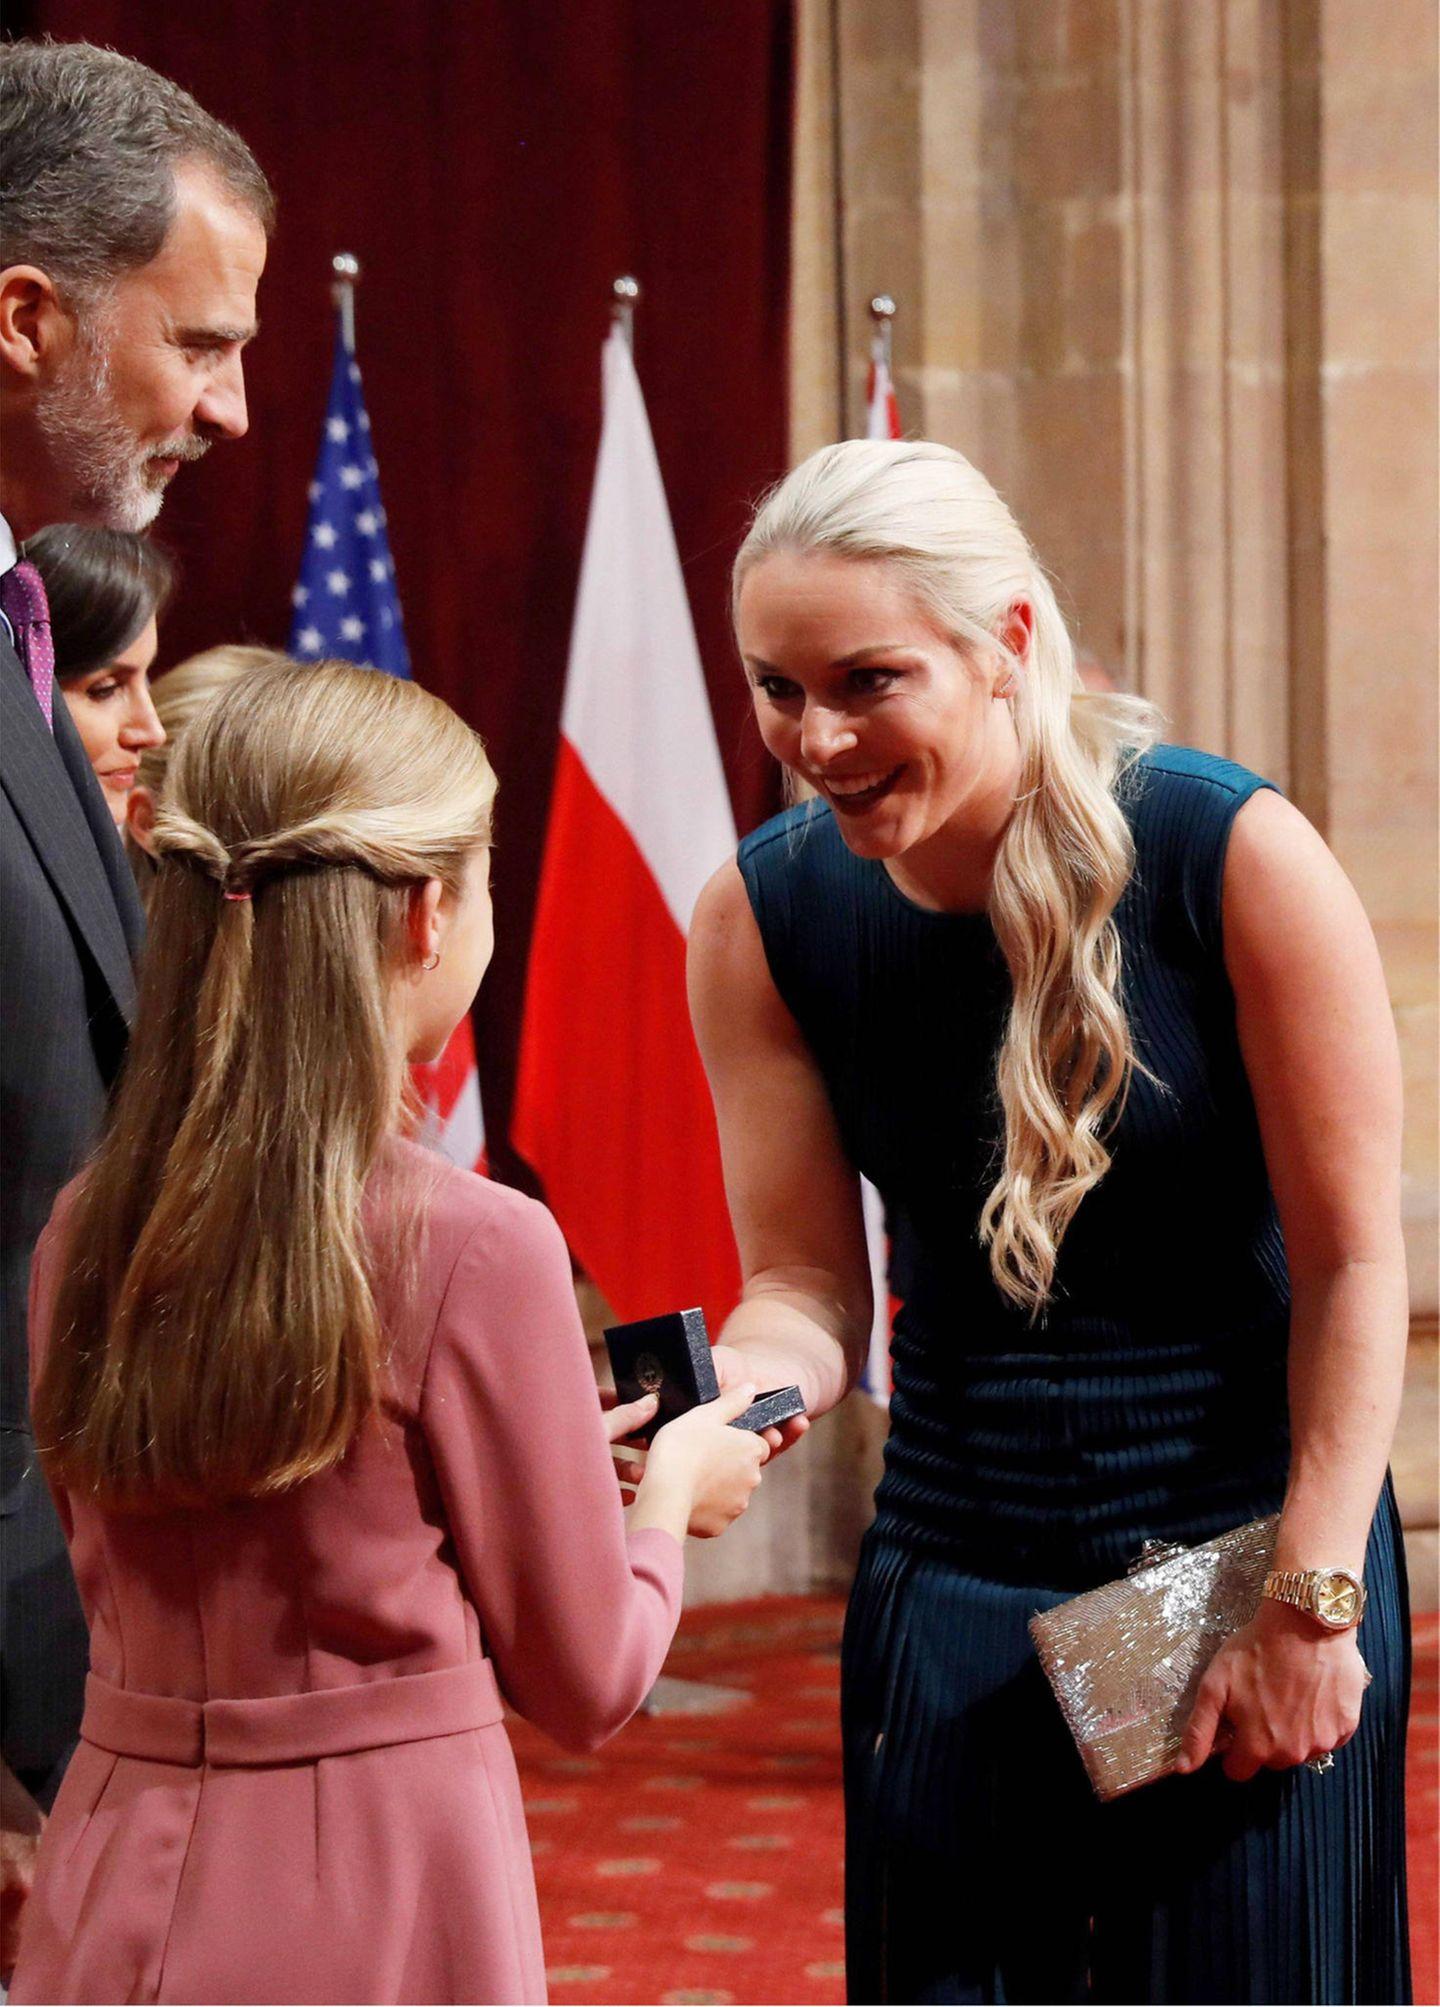 Die spanische Kronprinzessin begrüßt die ehemalige US-amerikanische Skirennläuferin Lindsey Vonn, die an diesem Tag ihren 35. Geburtstag feiert.